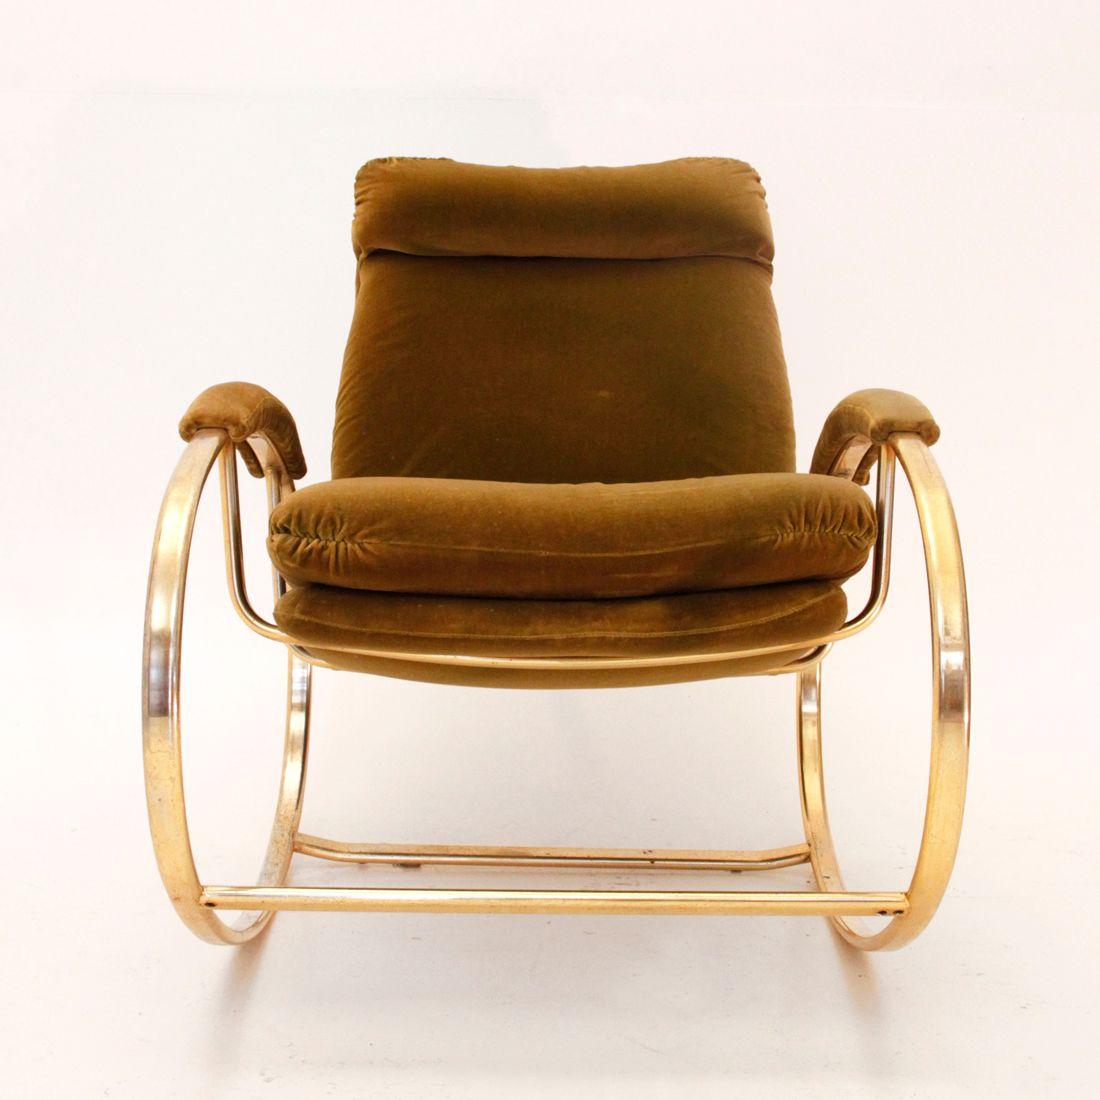 italienischer schaukelstuhl mit messing rohrgestell bei pamono kaufen. Black Bedroom Furniture Sets. Home Design Ideas